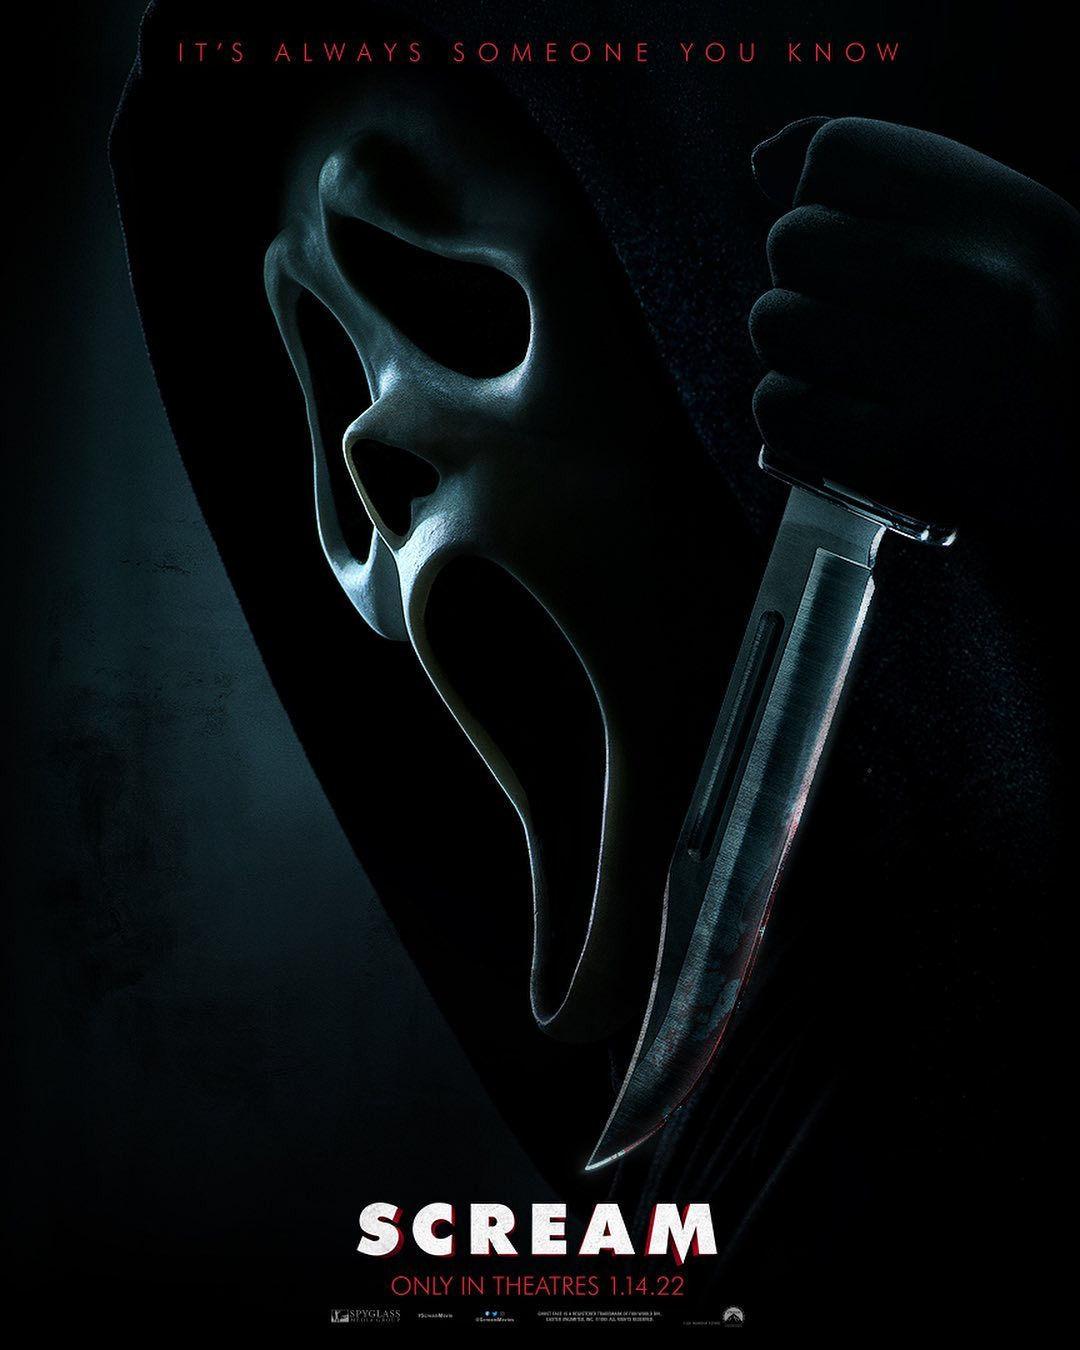 Scream 2022 Poster